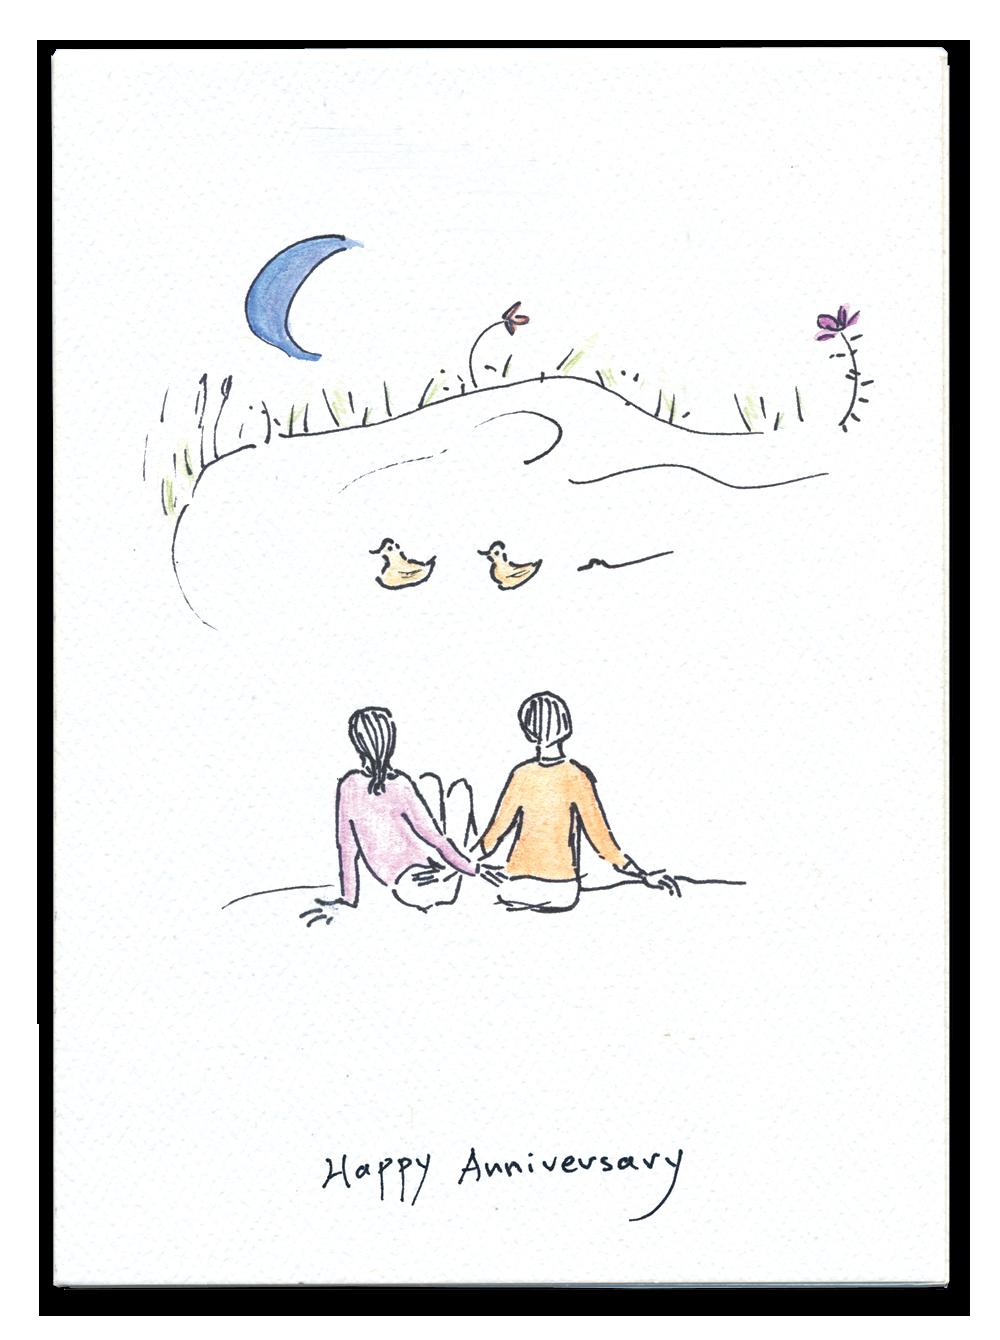 Happy Anniversary (ducks)